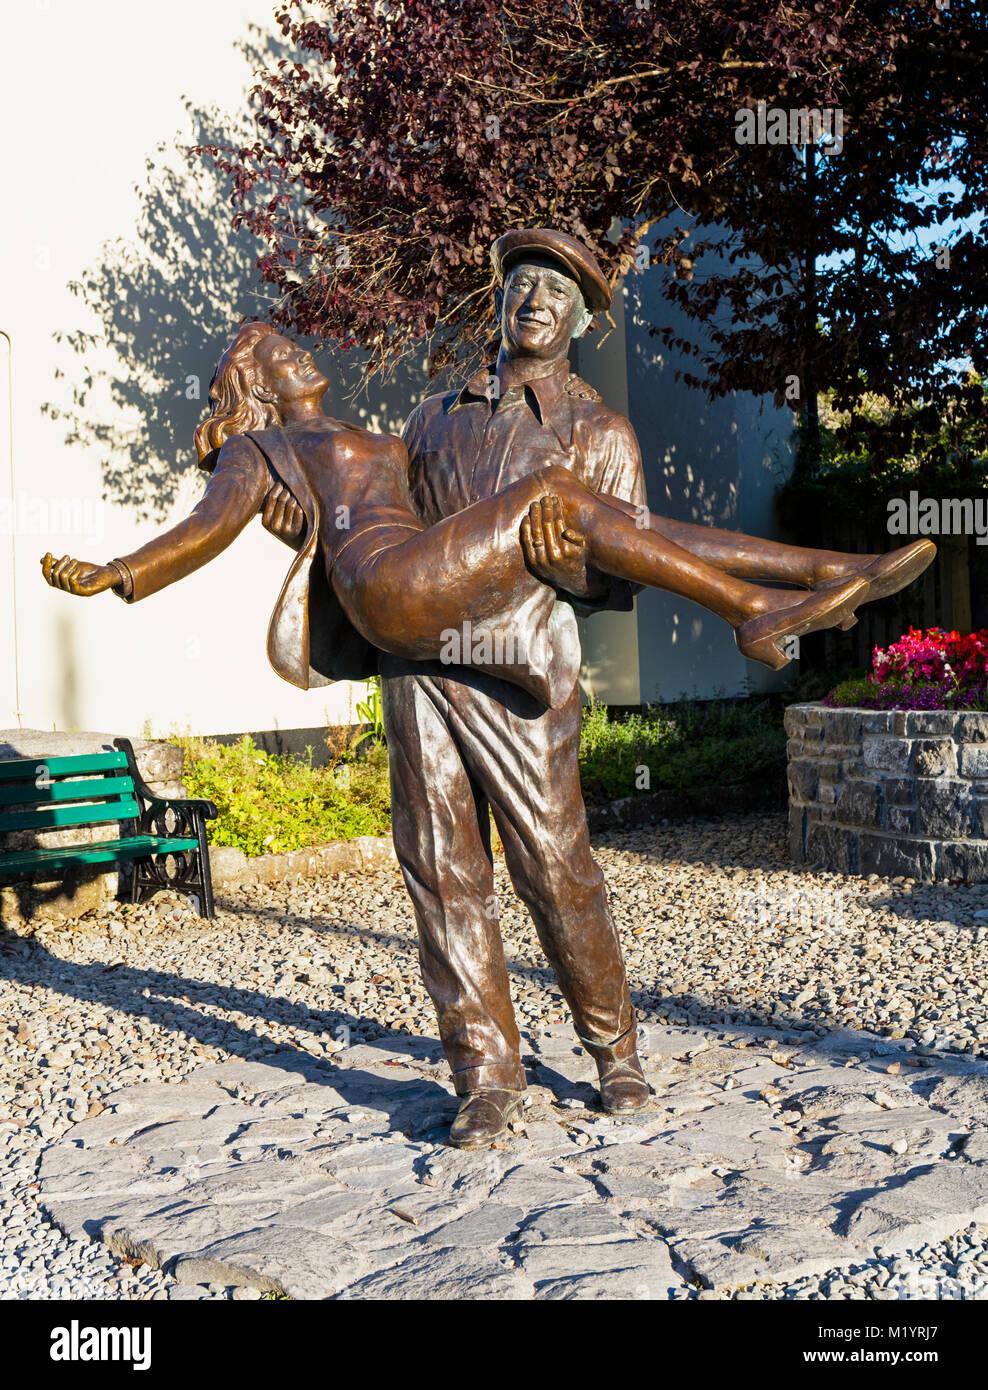 L'homme tranquille statue, Cong, dans le comté de Mayo, le Connemara, République d'Irlande. L'Irlande. Photo Stock